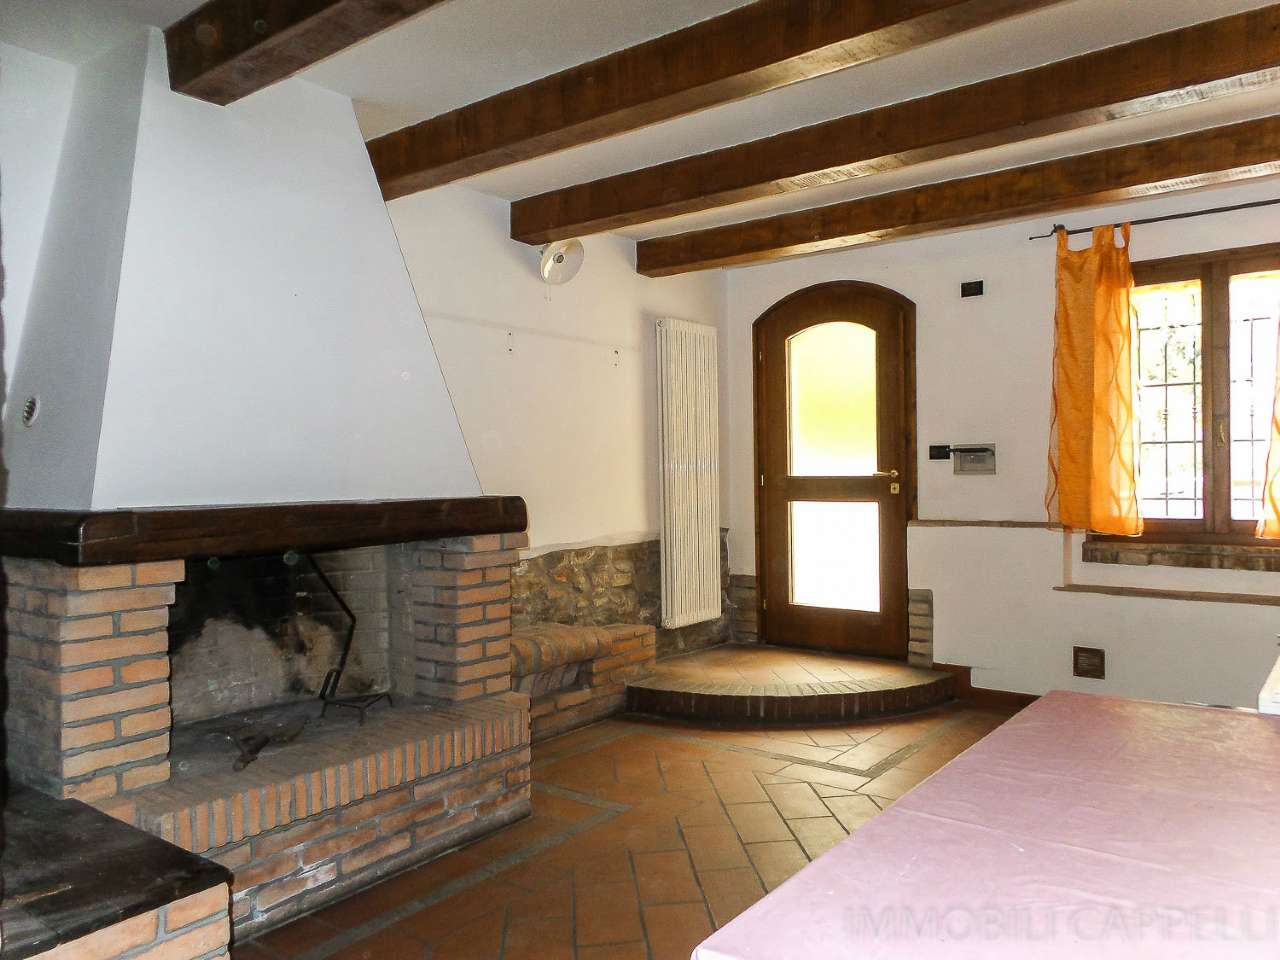 Soluzione Semindipendente in vendita a Cesena, 2 locali, prezzo € 127.000 | CambioCasa.it